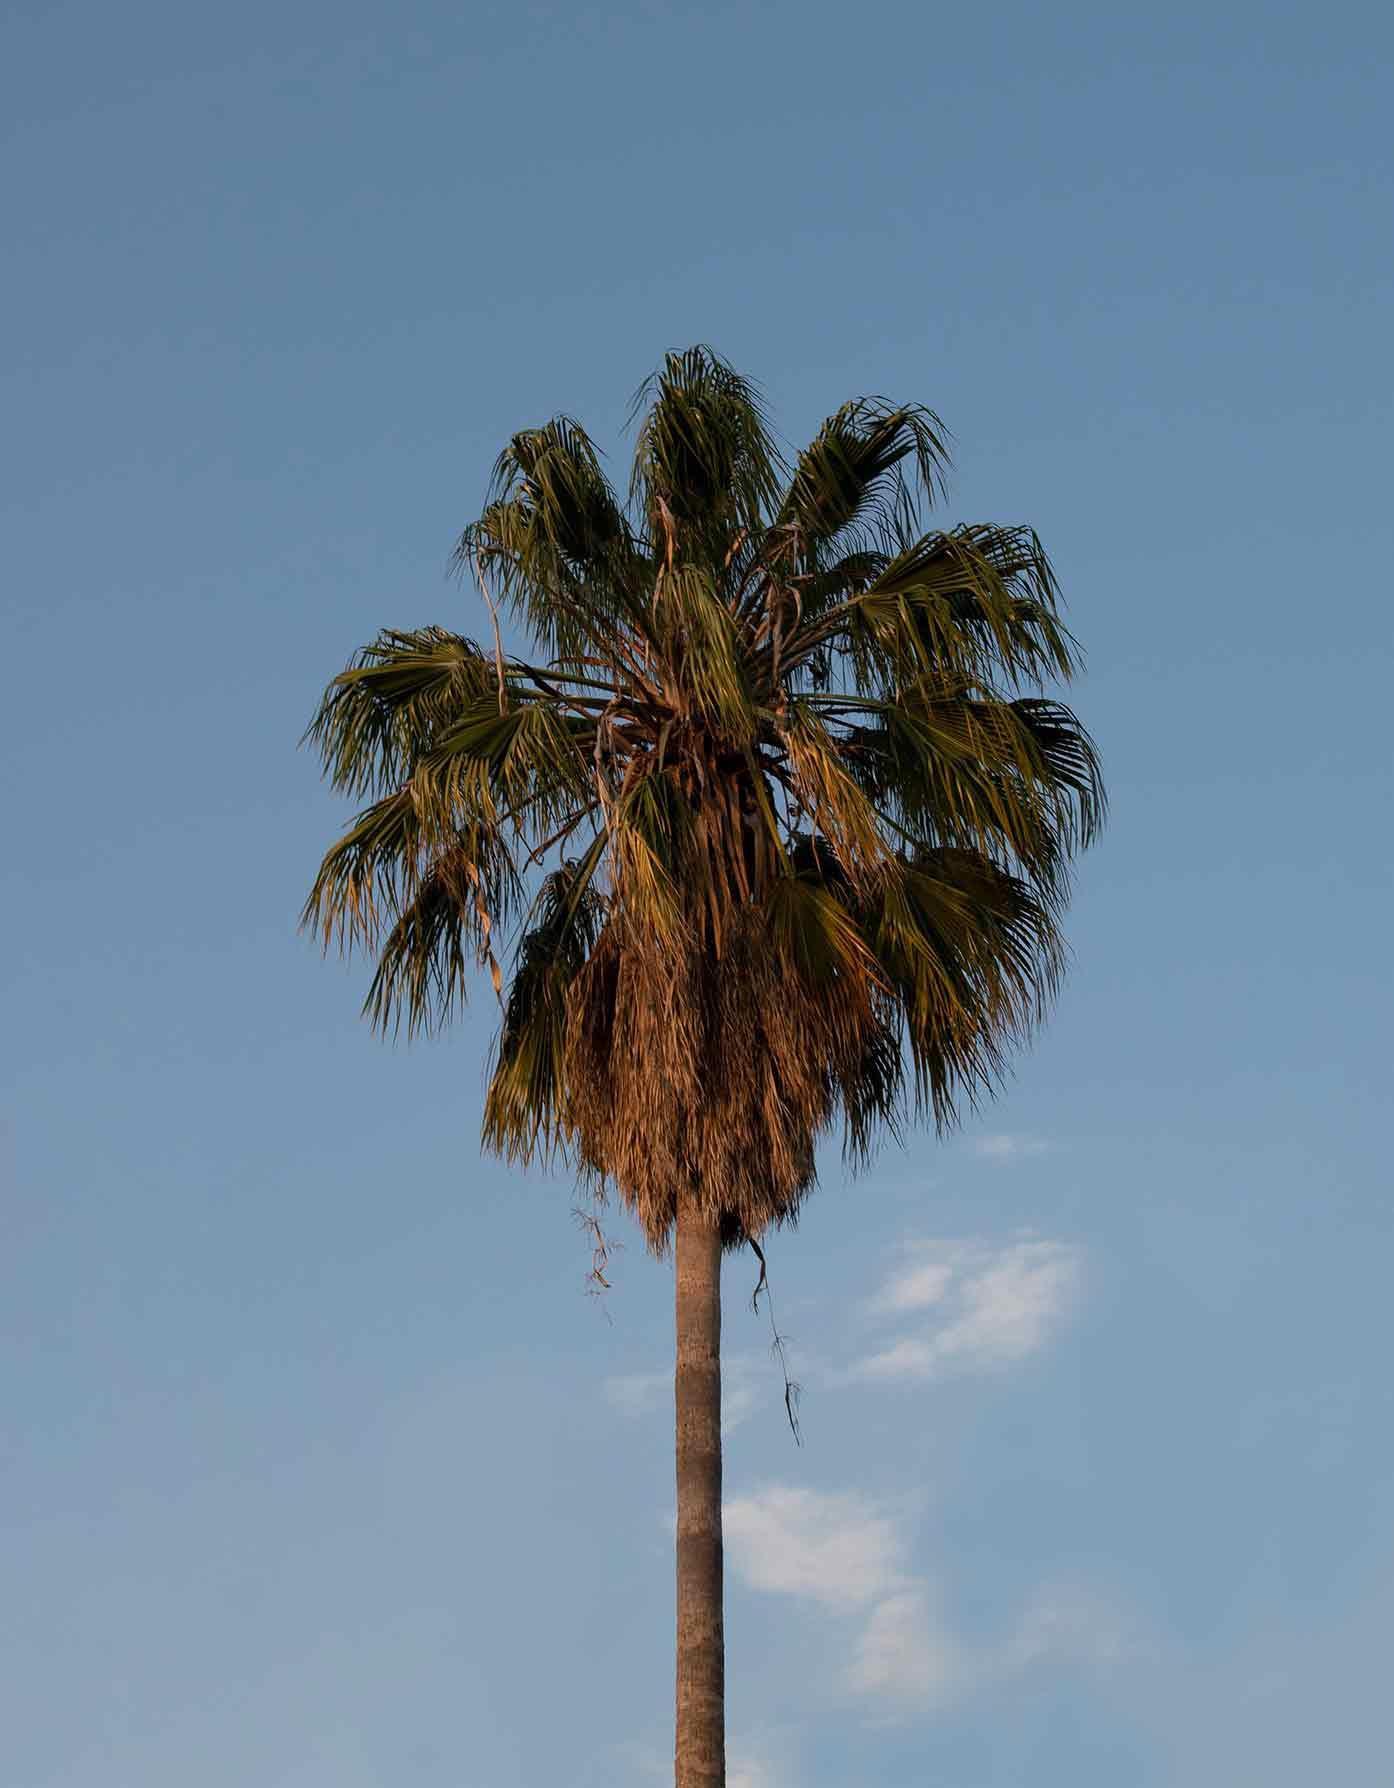 guadalajara mexico palm tree